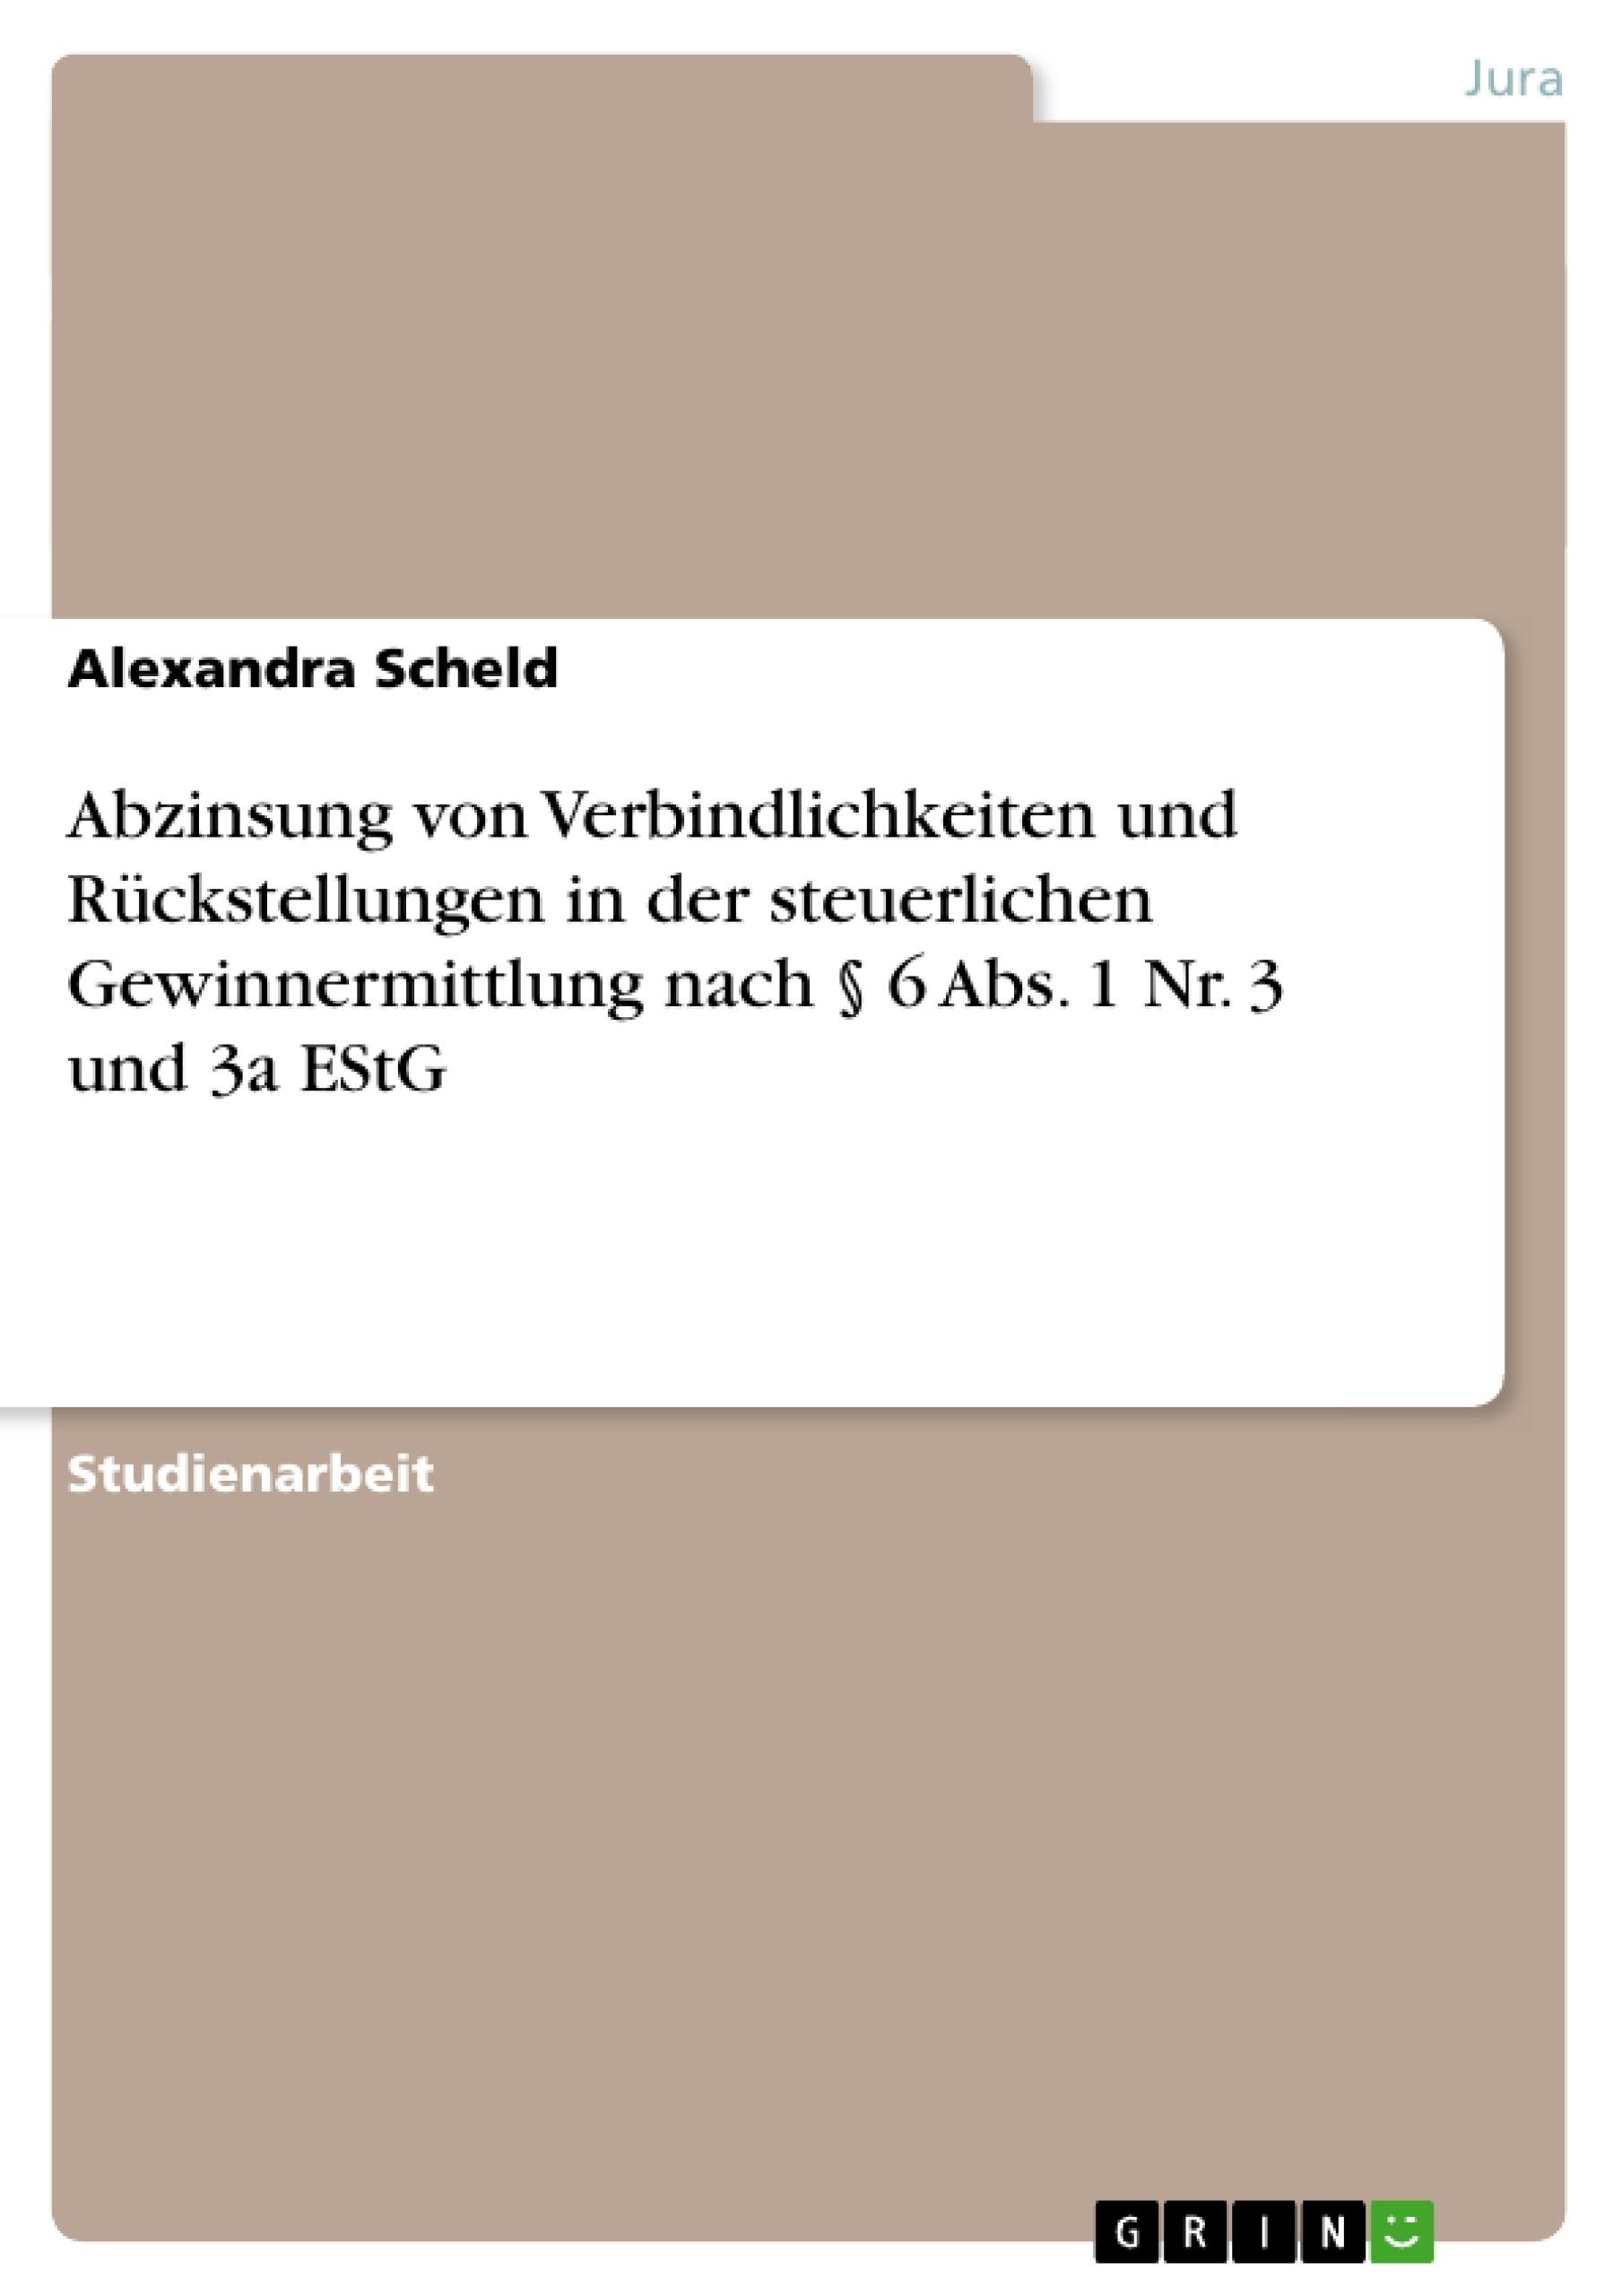 Titel: Abzinsung von Verbindlichkeiten und Rückstellungen in der steuerlichen Gewinnermittlung nach § 6 Abs. 1 Nr. 3 und 3a EStG